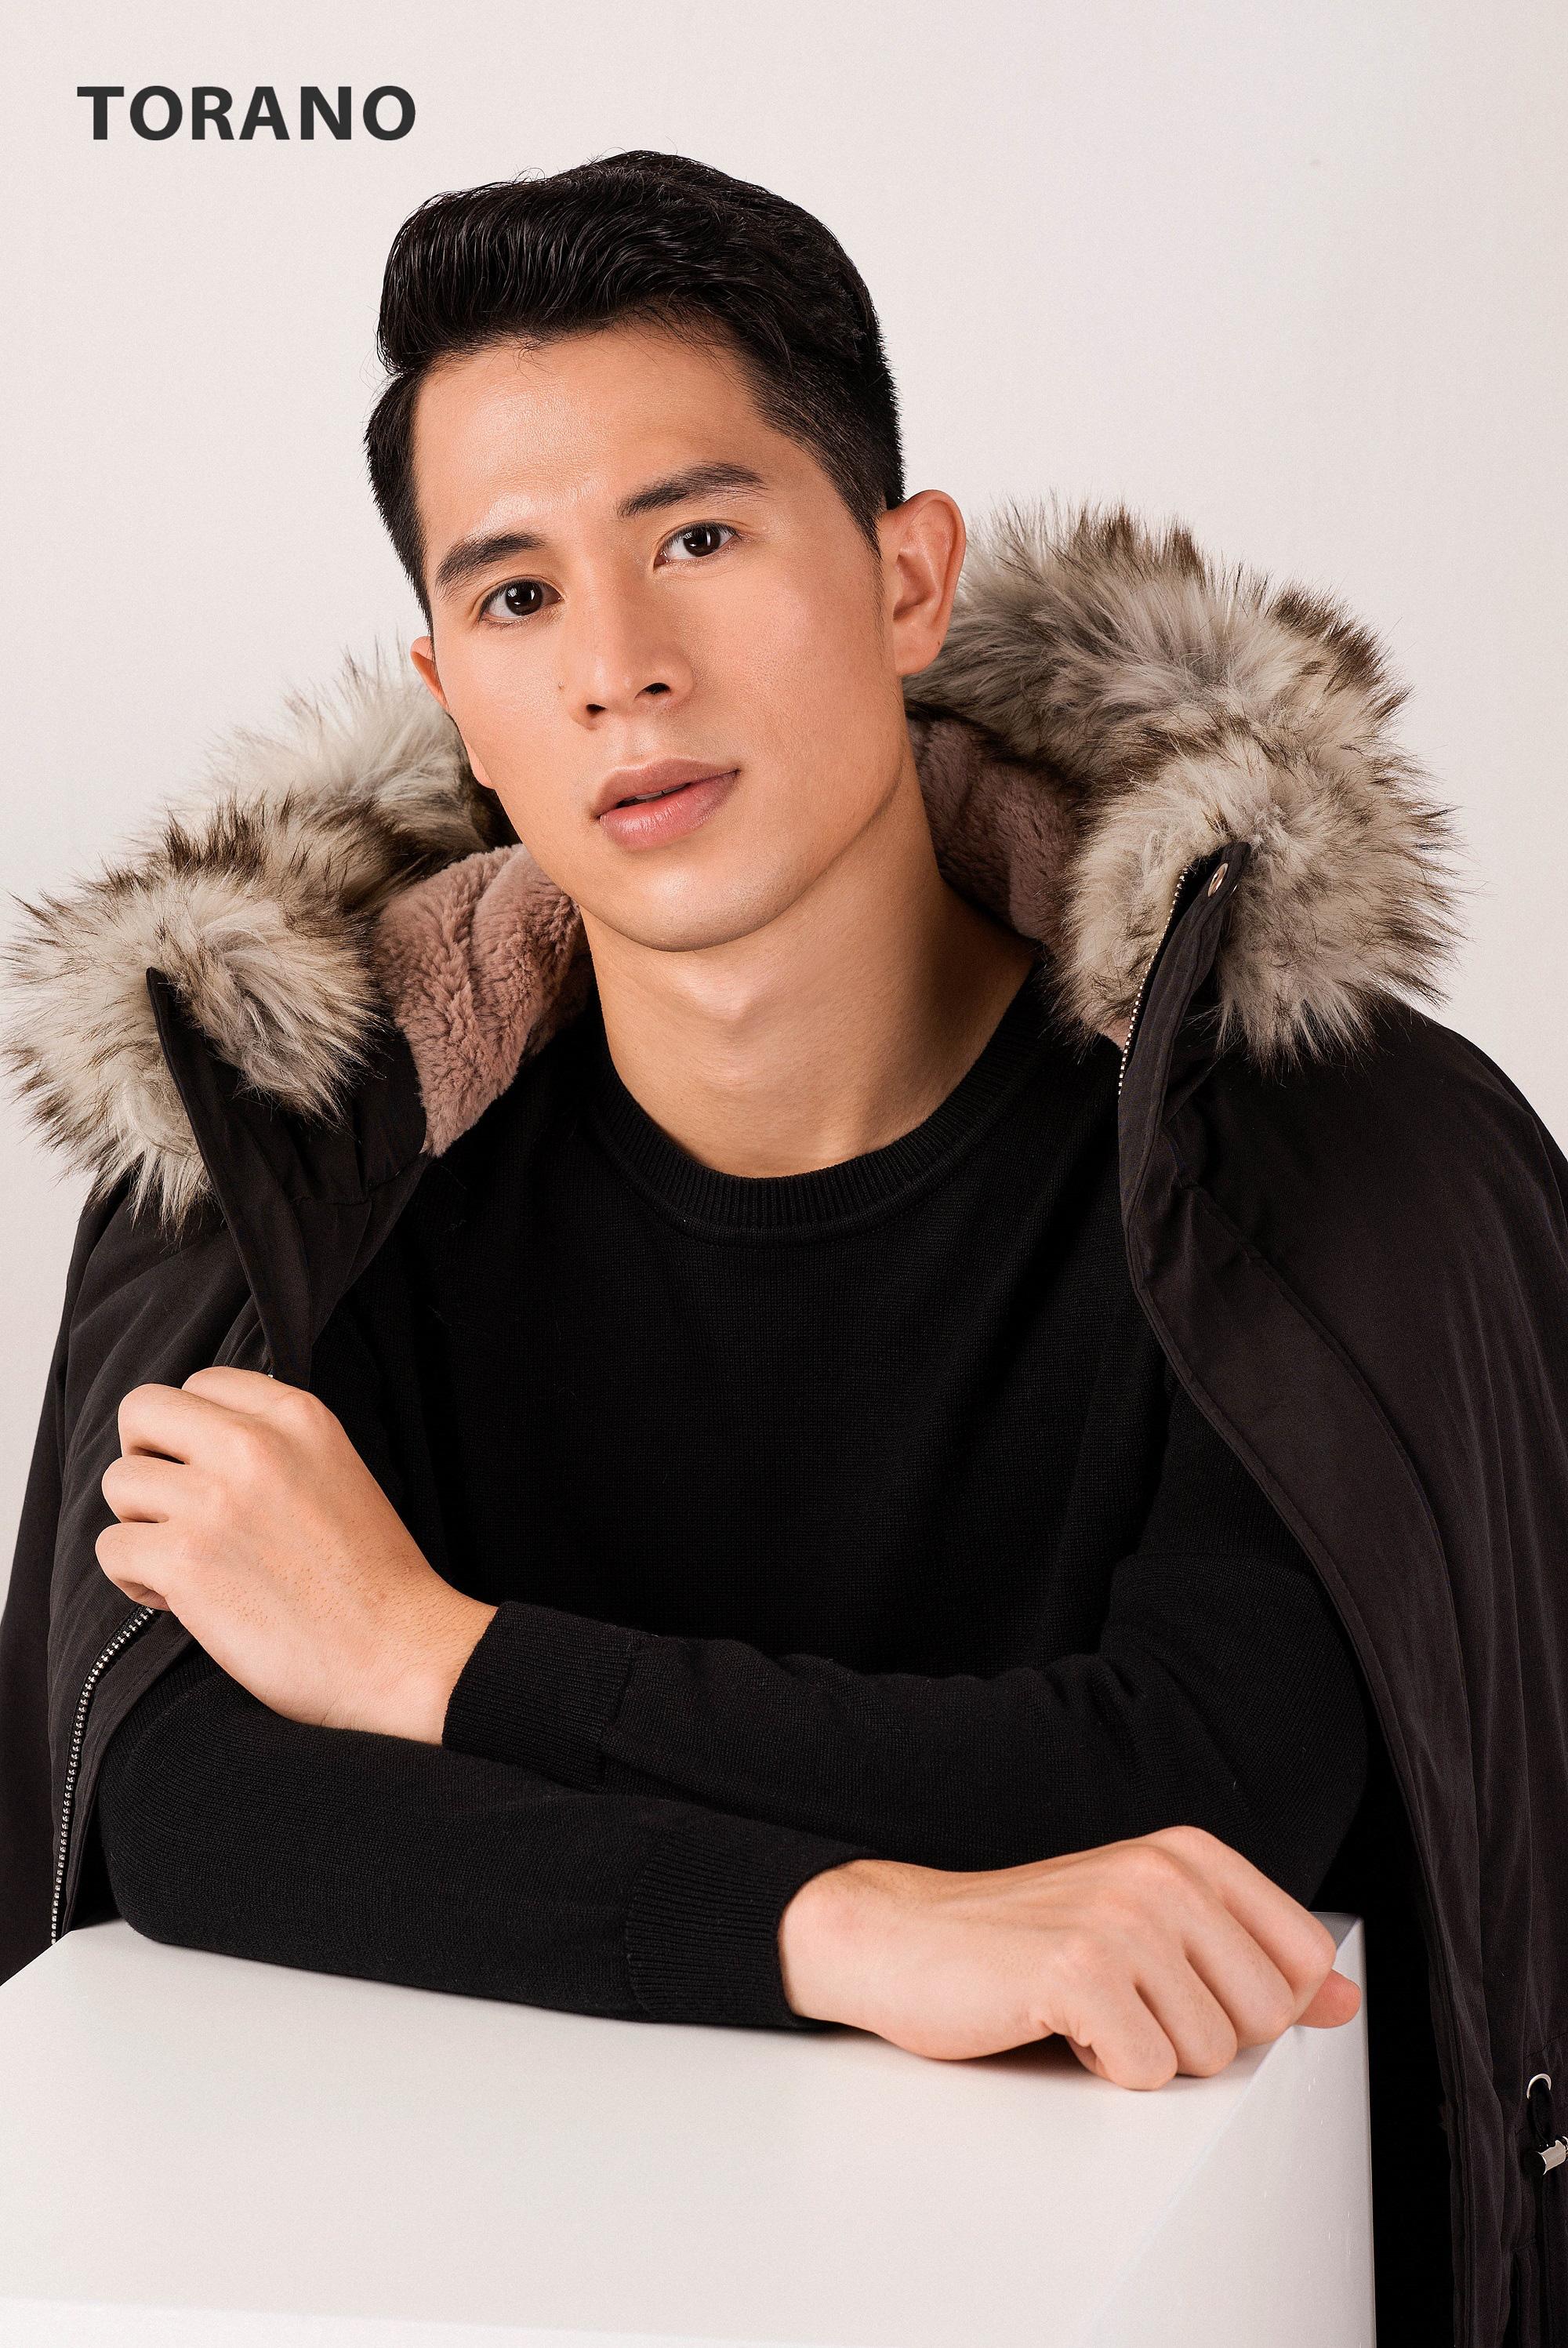 Đình Trọng bất ngờ khoe vẻ điển trai trong bộ sưu tập mới của Torano - Ảnh 5.